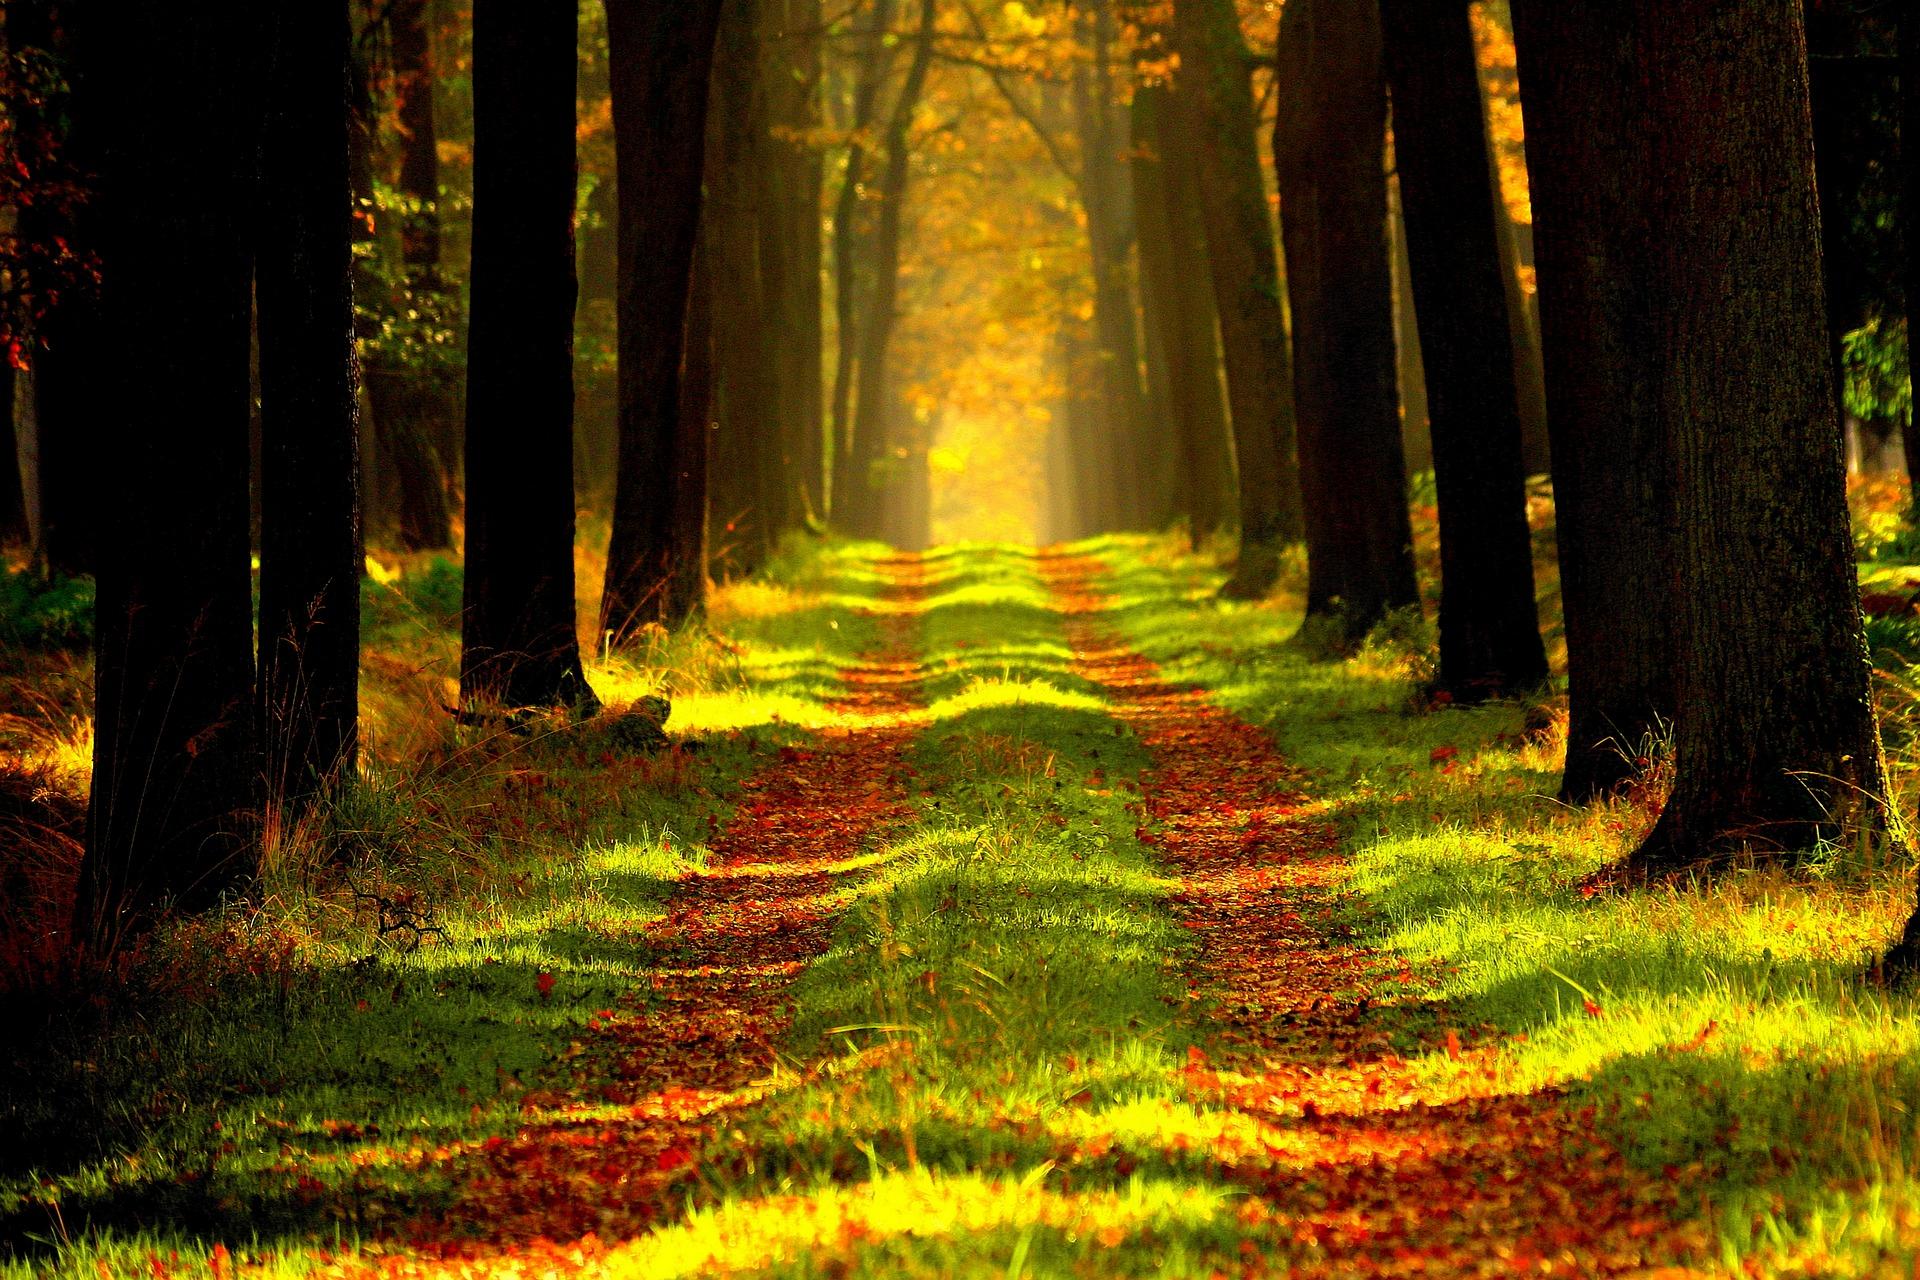 Milyen hátrányai vannak az osztatlan közös tulajdonban lévő erdőknek?